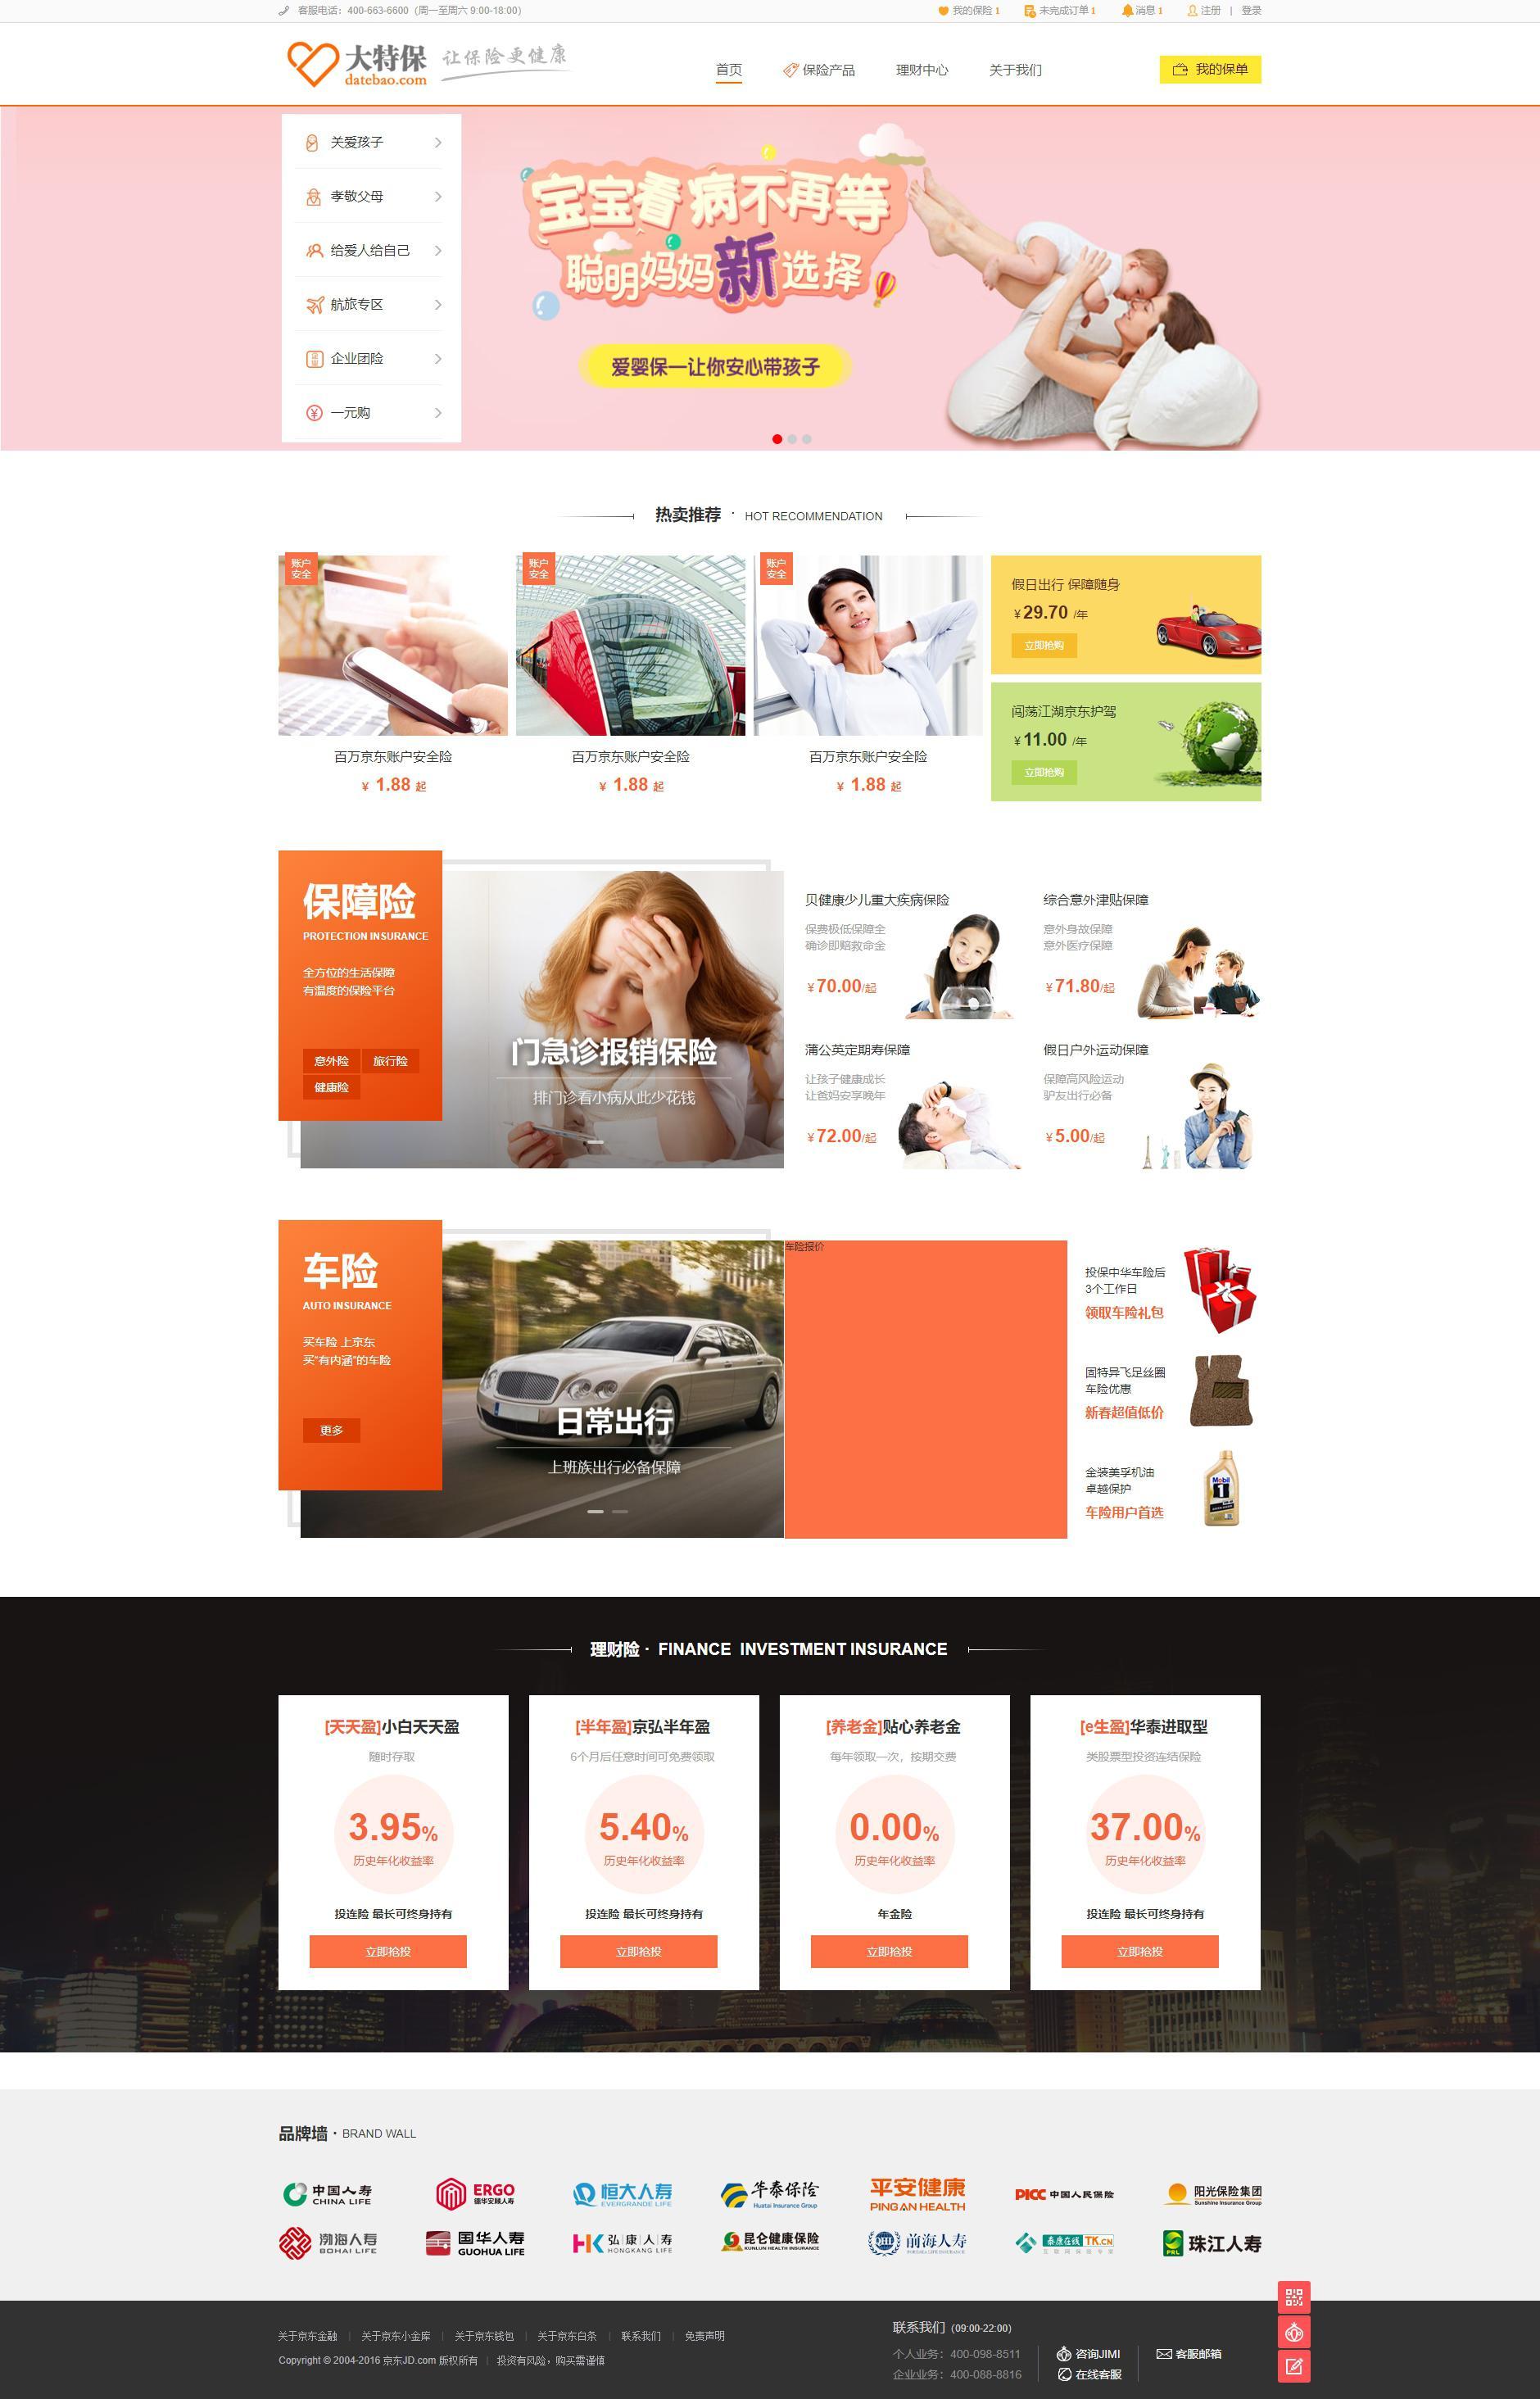 橙色的大特保保险商城网站html模板